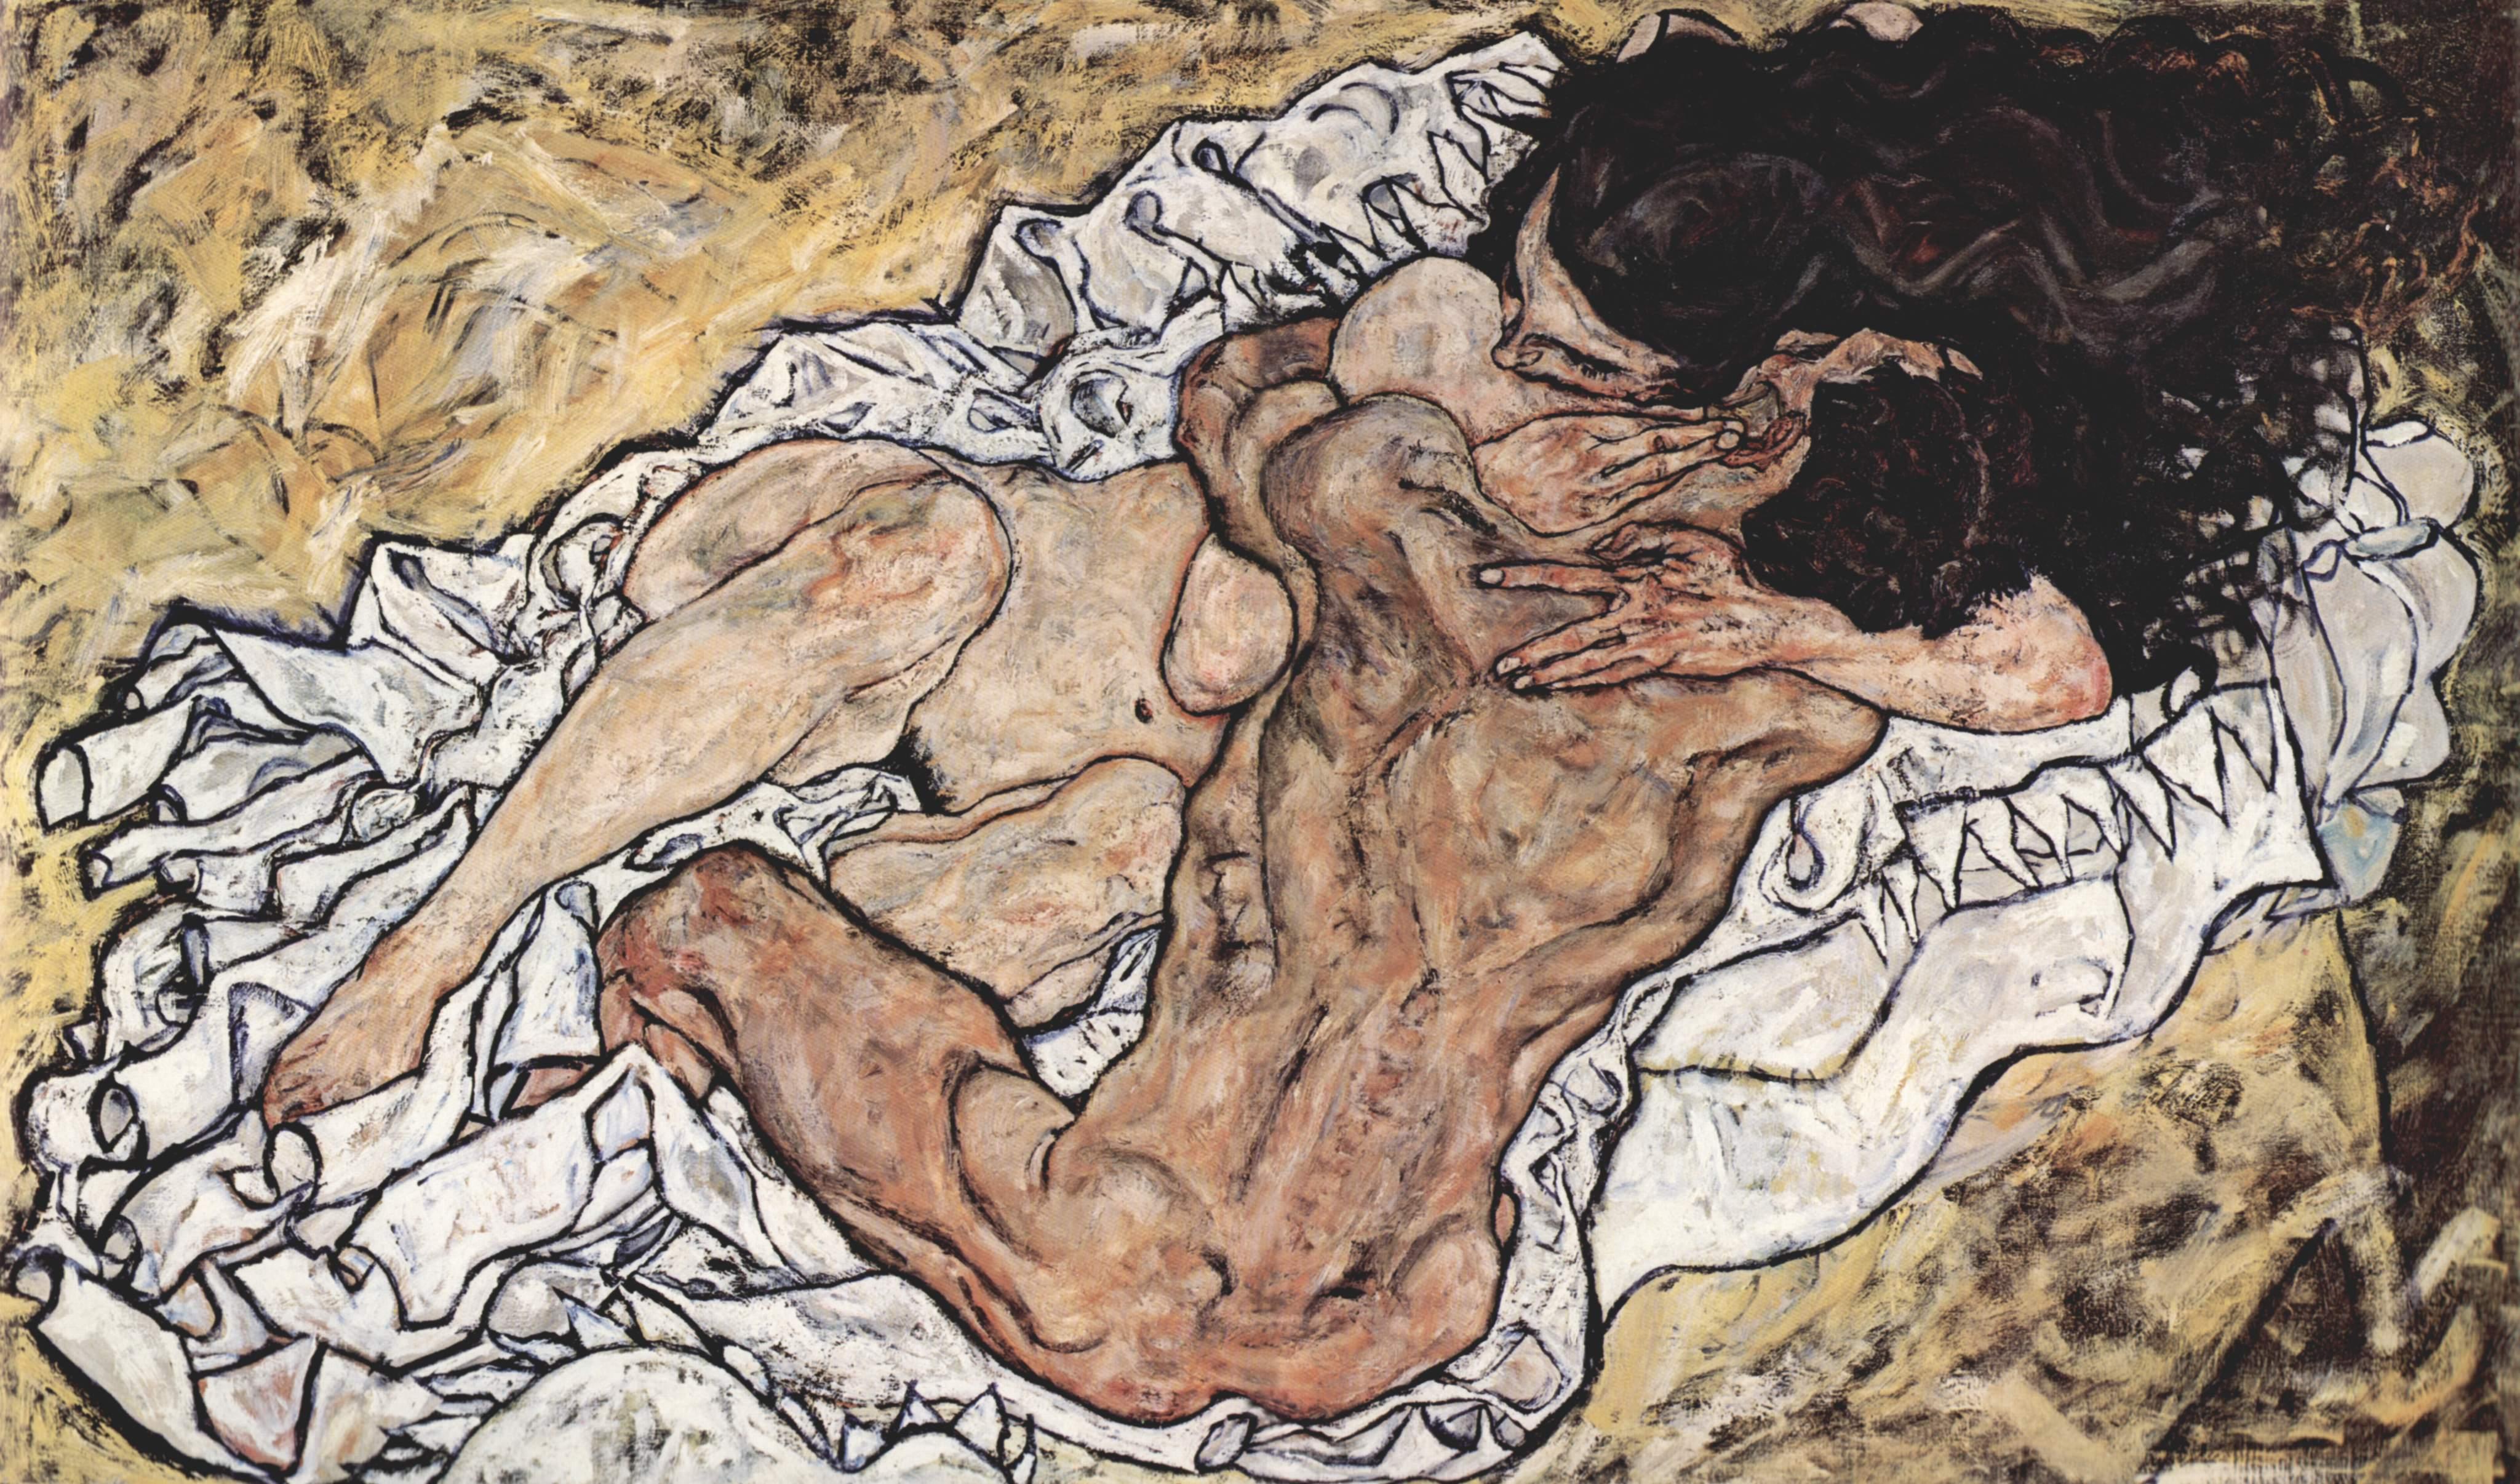 La importancia de llamarse Egon Schiele